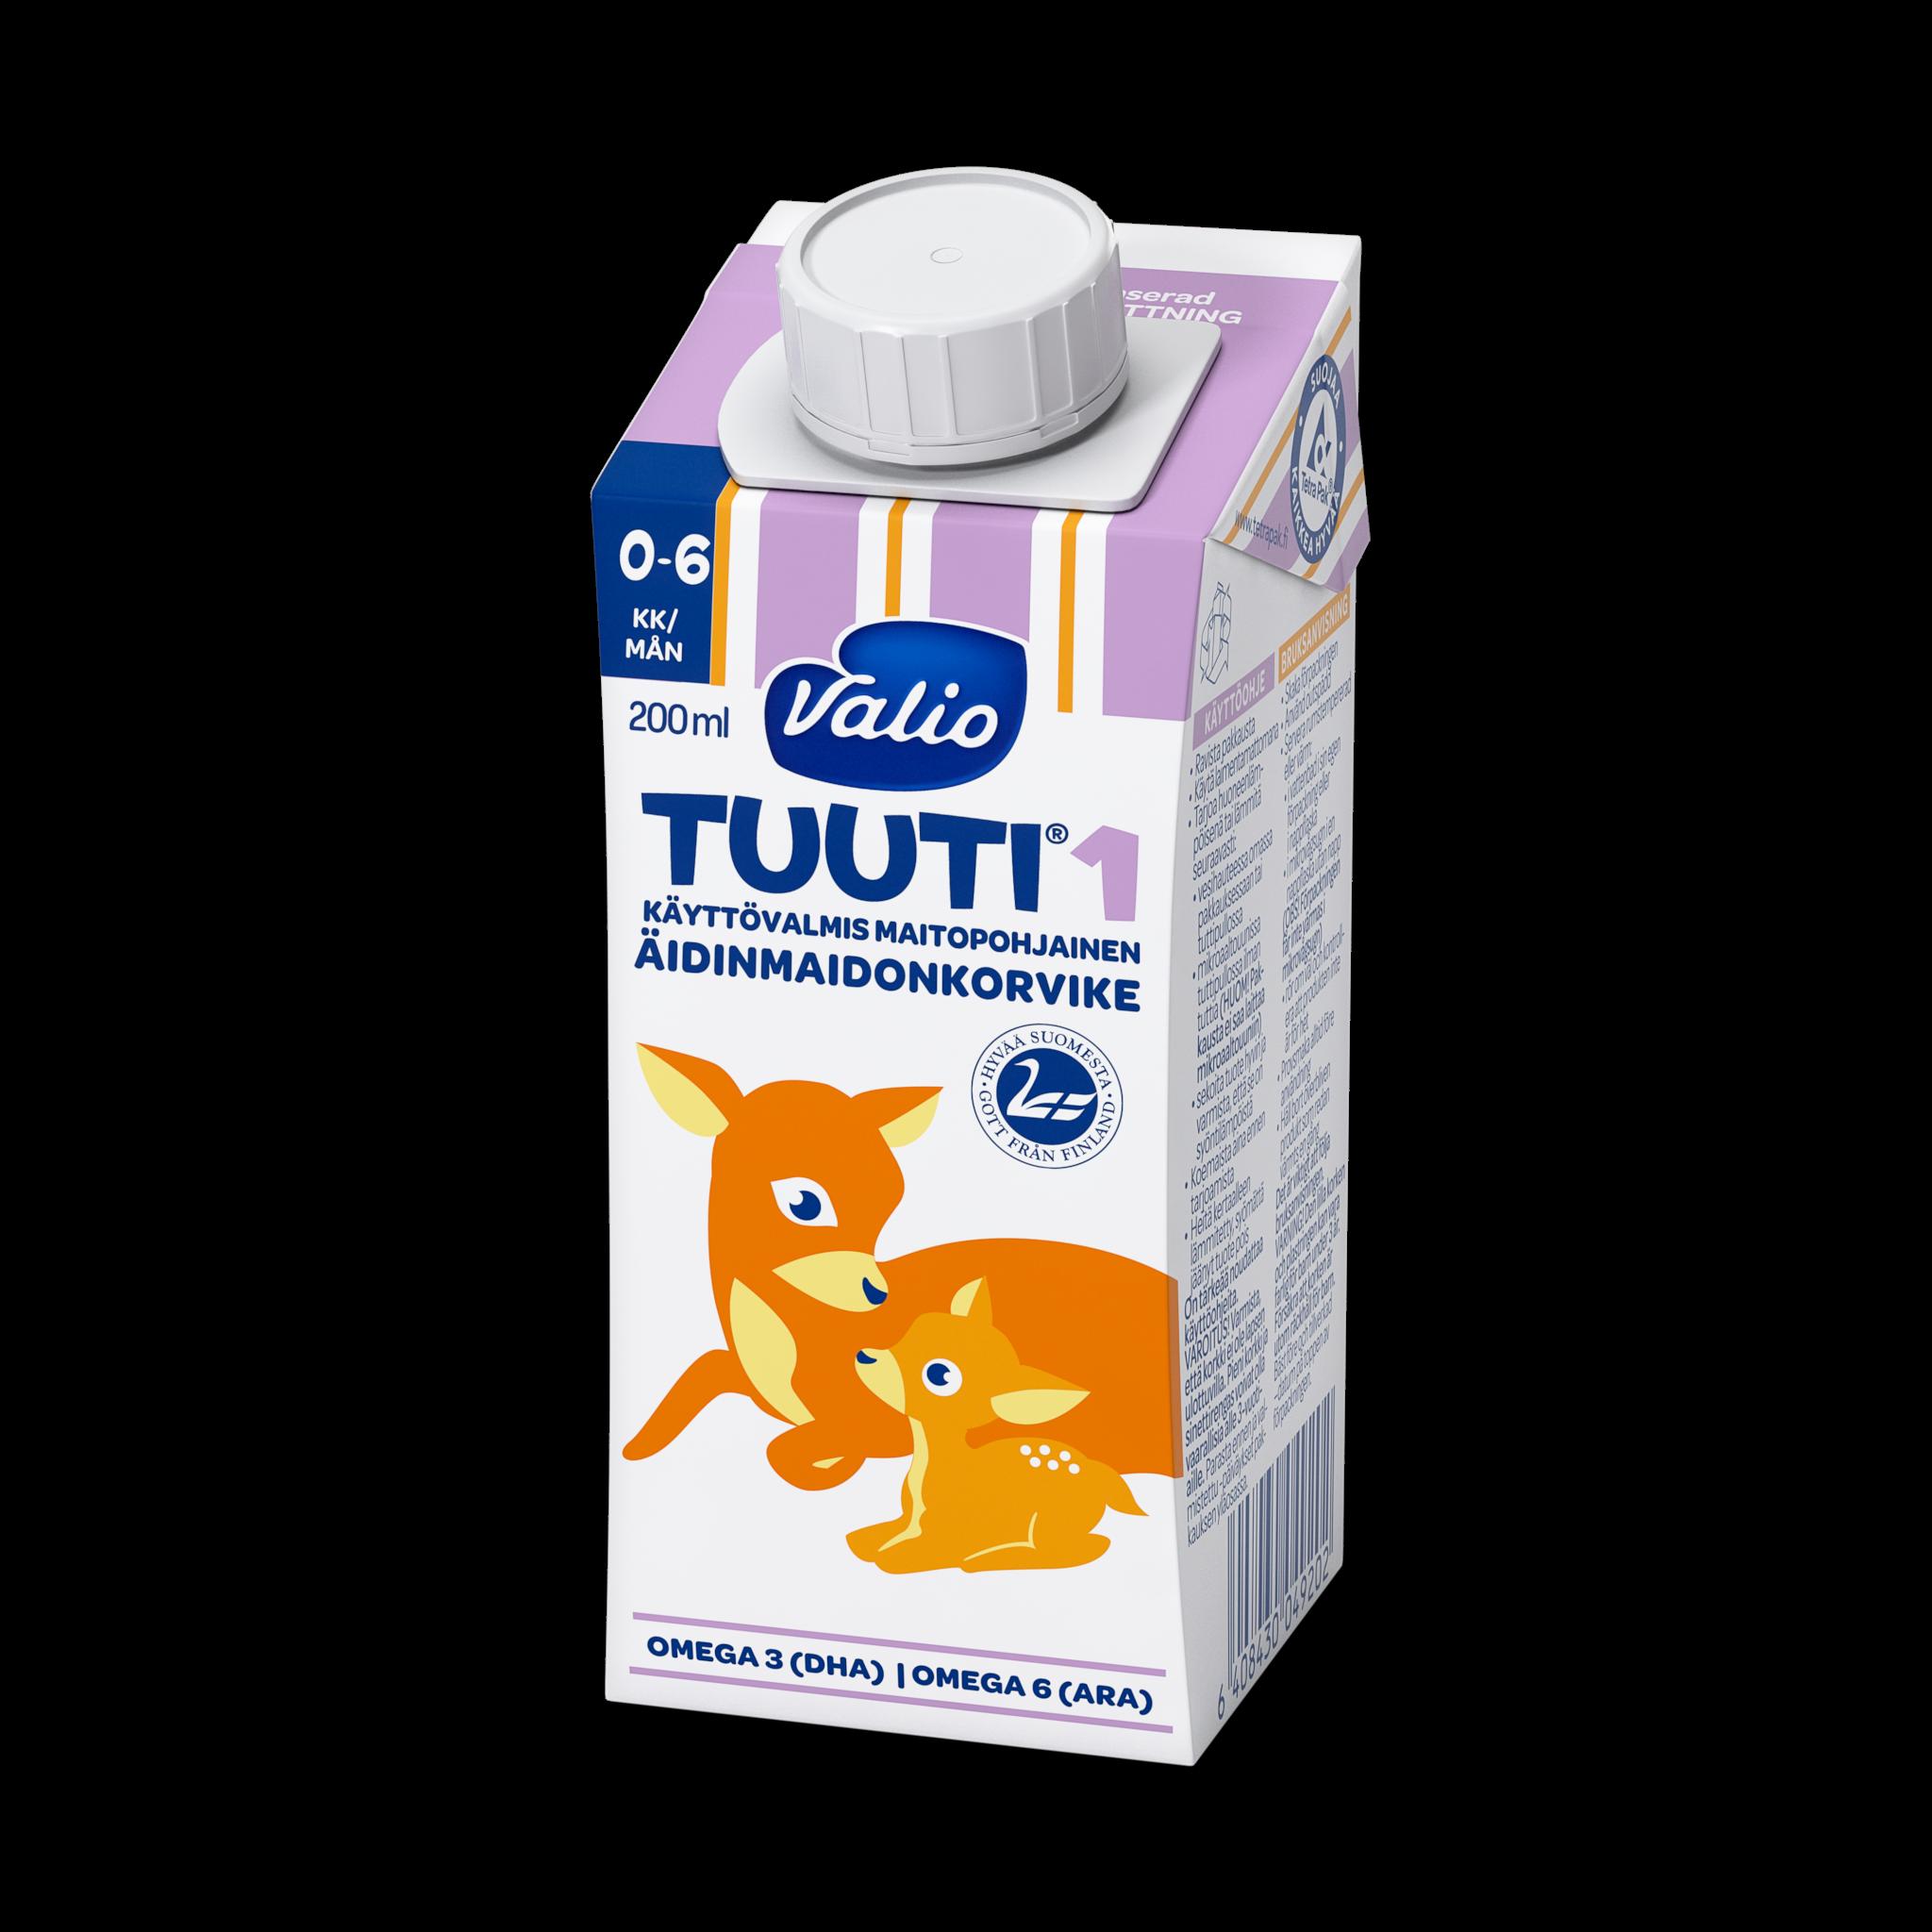 Valio Tuuti® 1 maitopohjainen äidinmaidonkorvike UHT